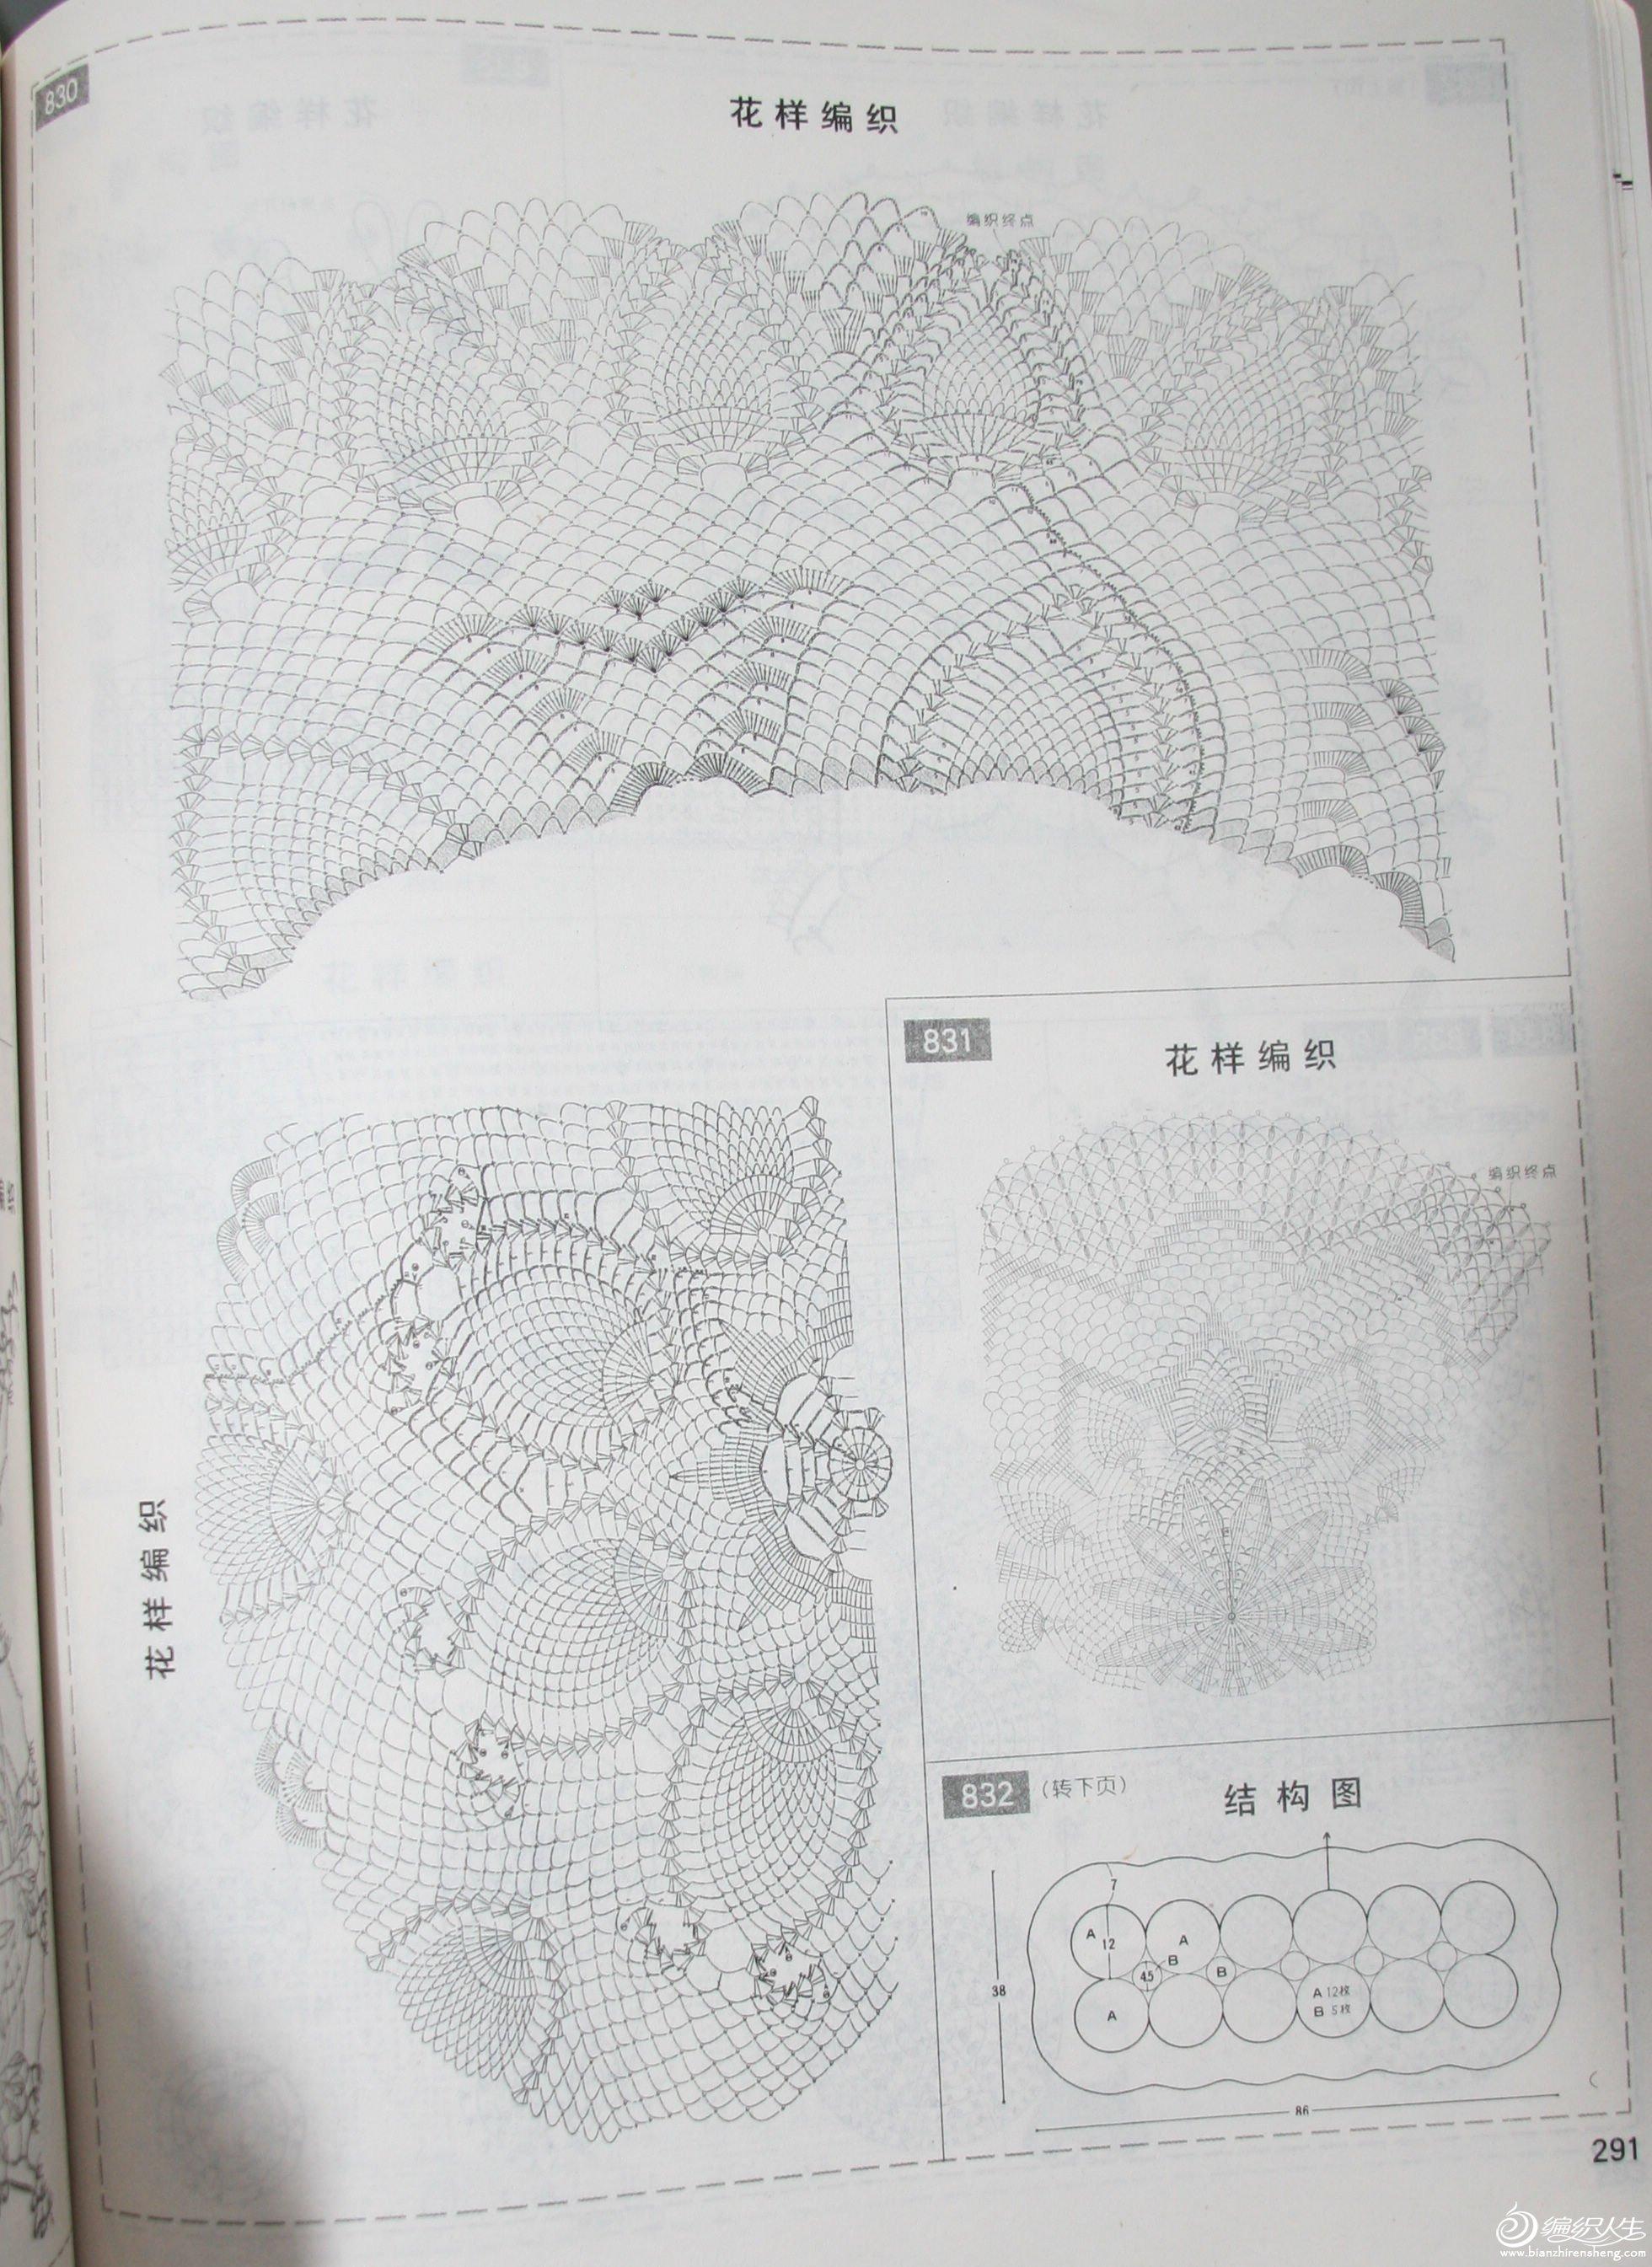 钩织图 076.jpg